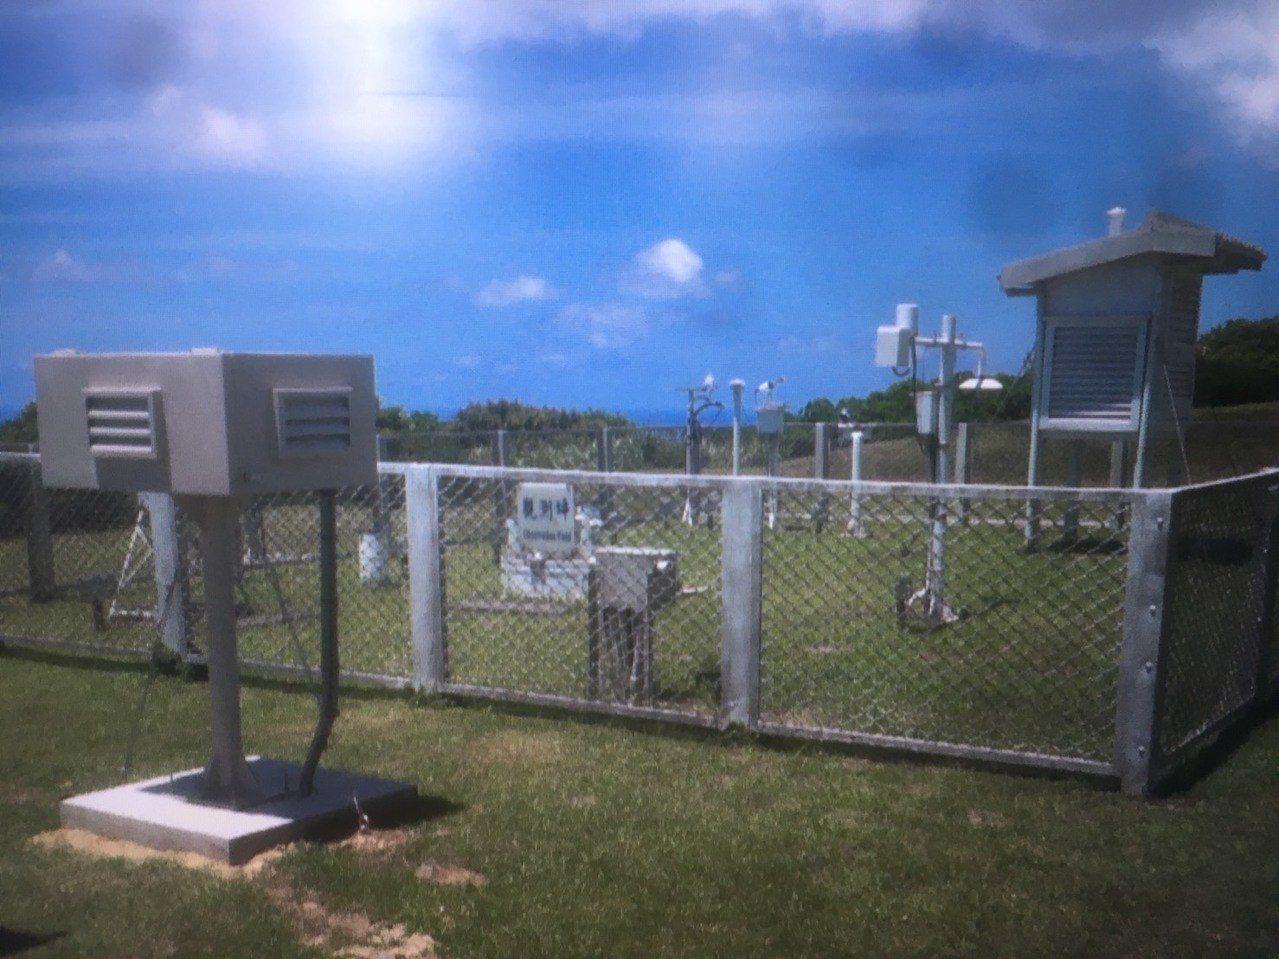 台東蘭嶼氣象站近來有少部分遊客不當的脫序行為,闖入觀測坪內觸碰儀器,導致儀器損壞...